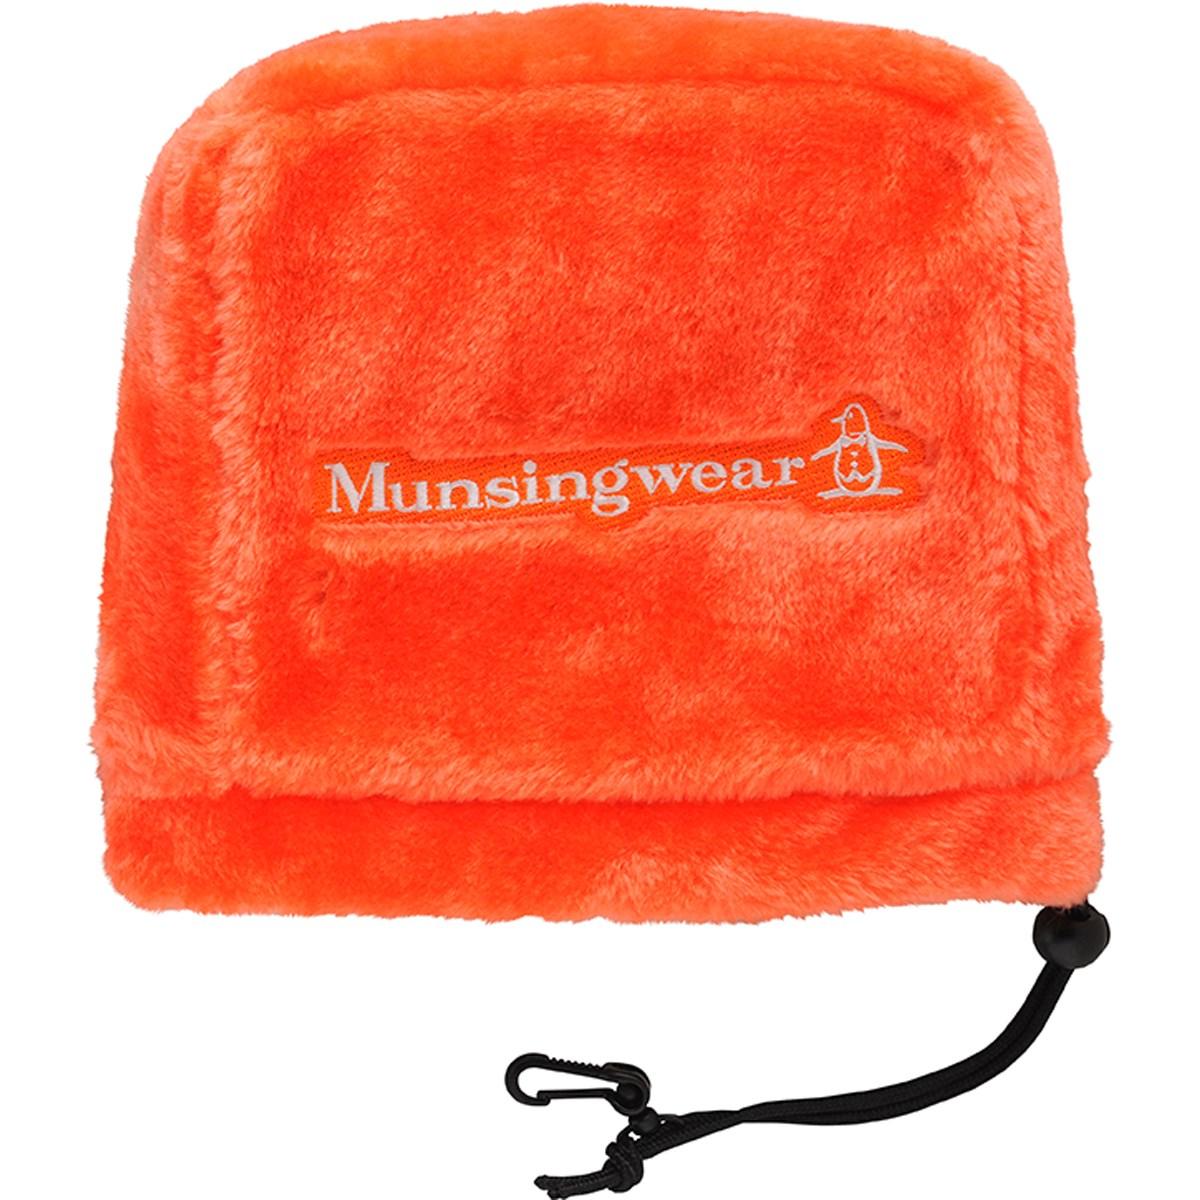 マンシングウェア Munsingwear アイアンカバー オレンジ 00